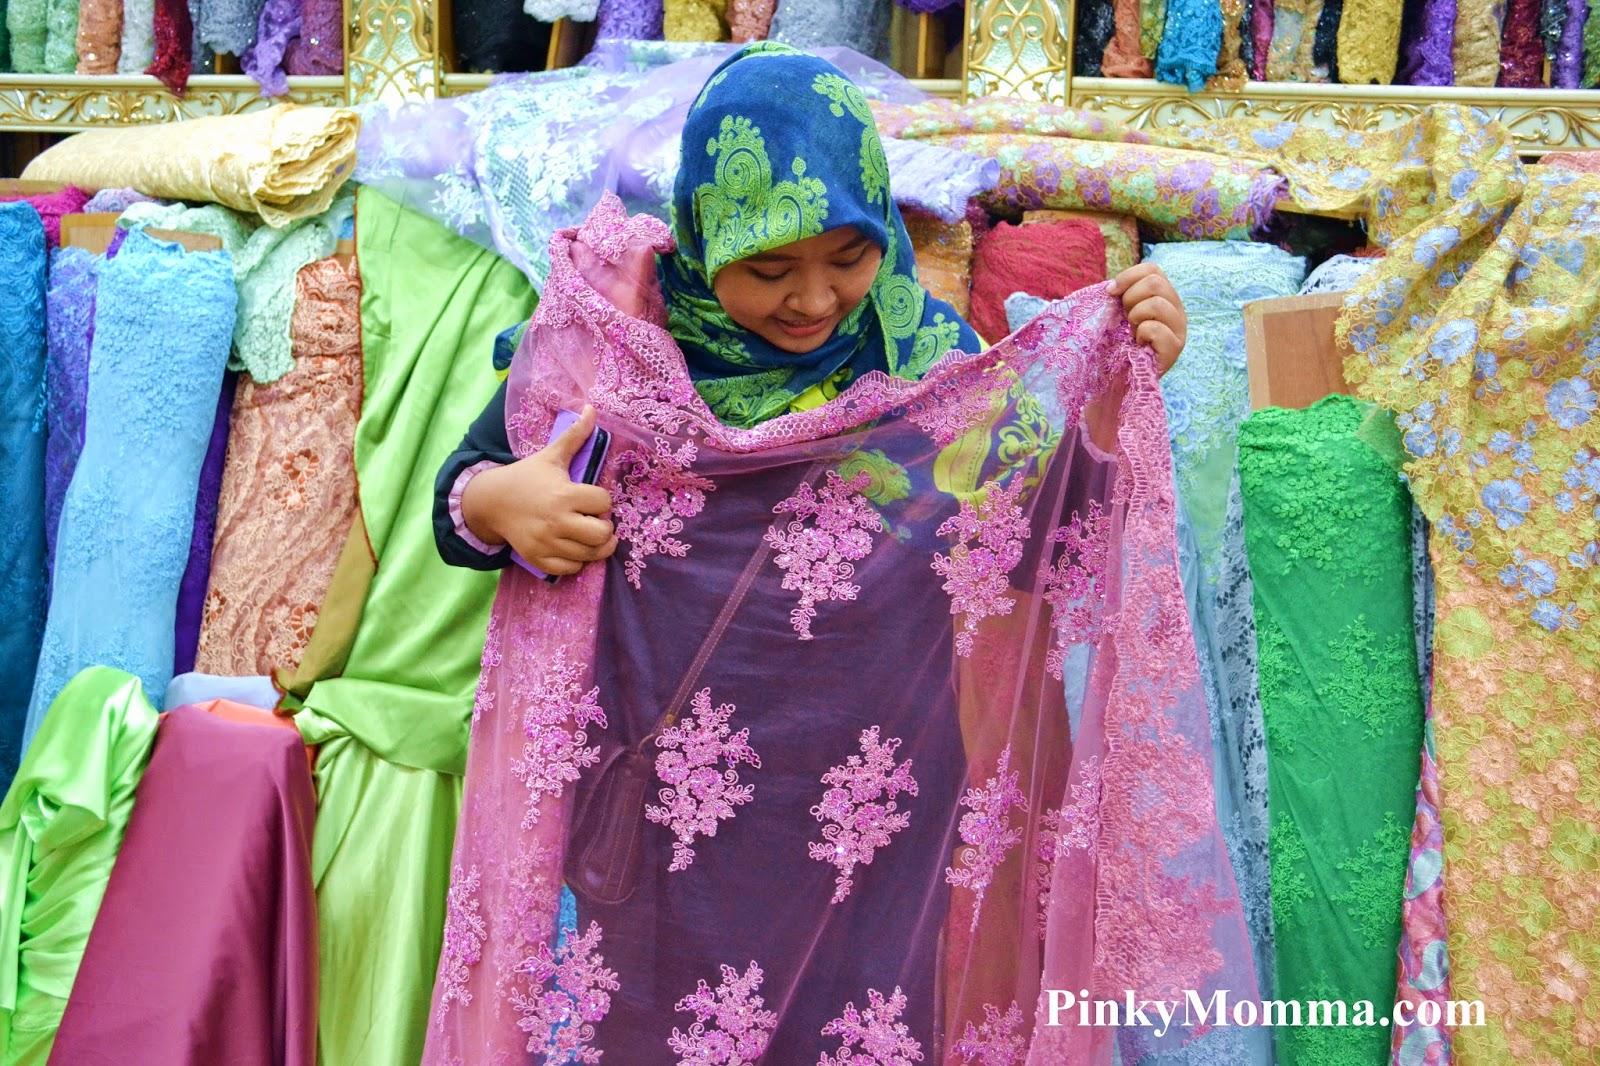 Harga lace bandung Baju gamis pasar baru bandung